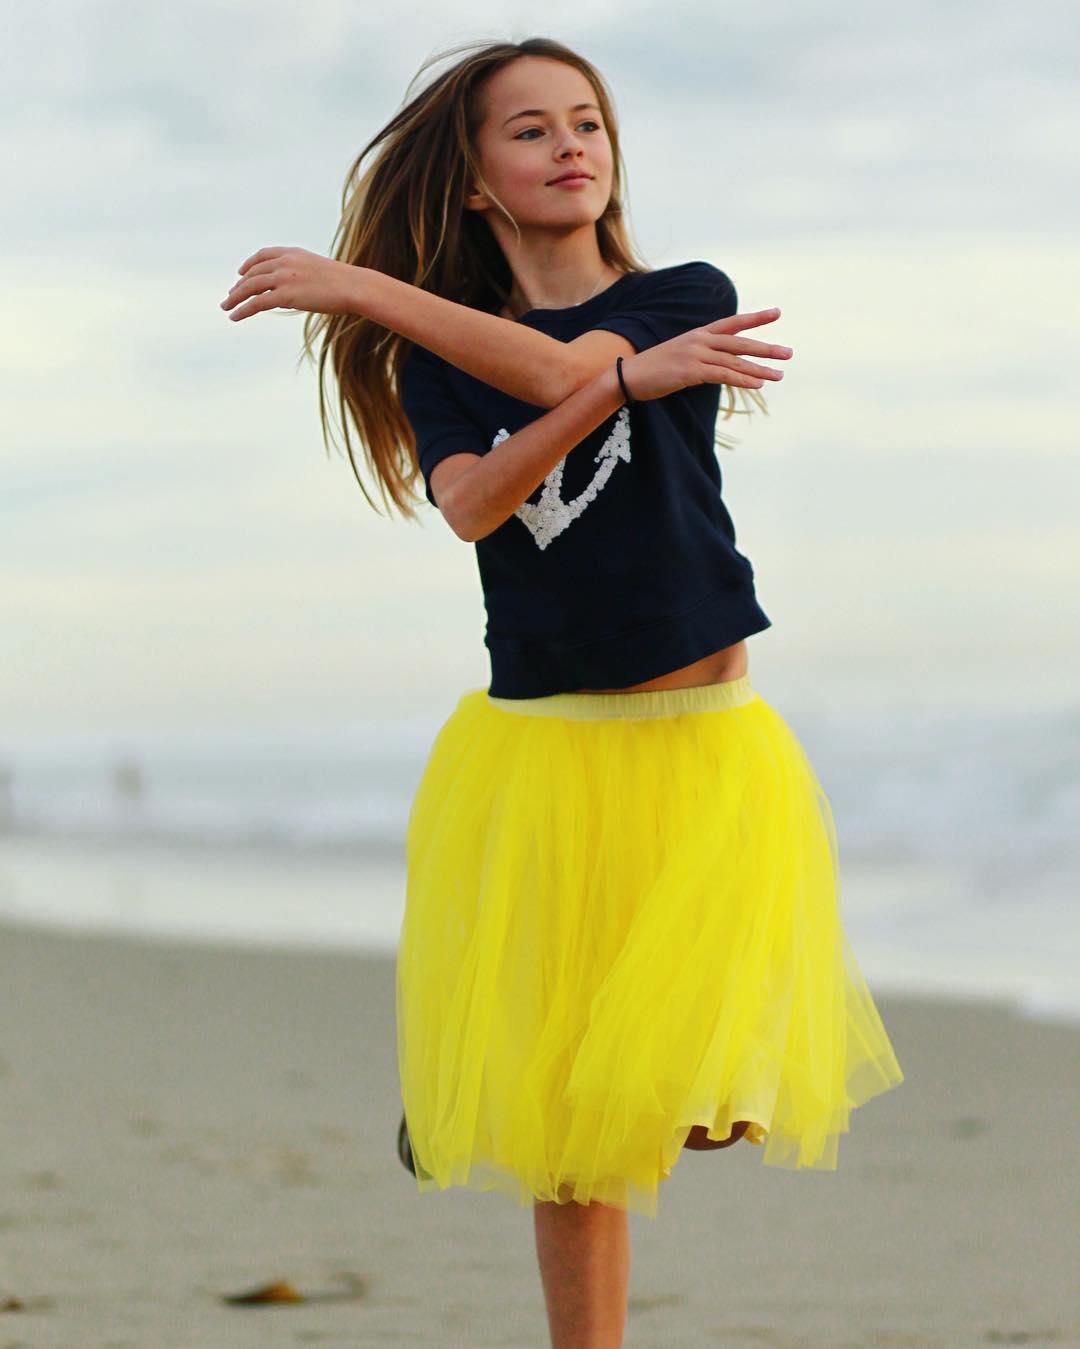 Kristina pimenova en la playa con falda amarilla